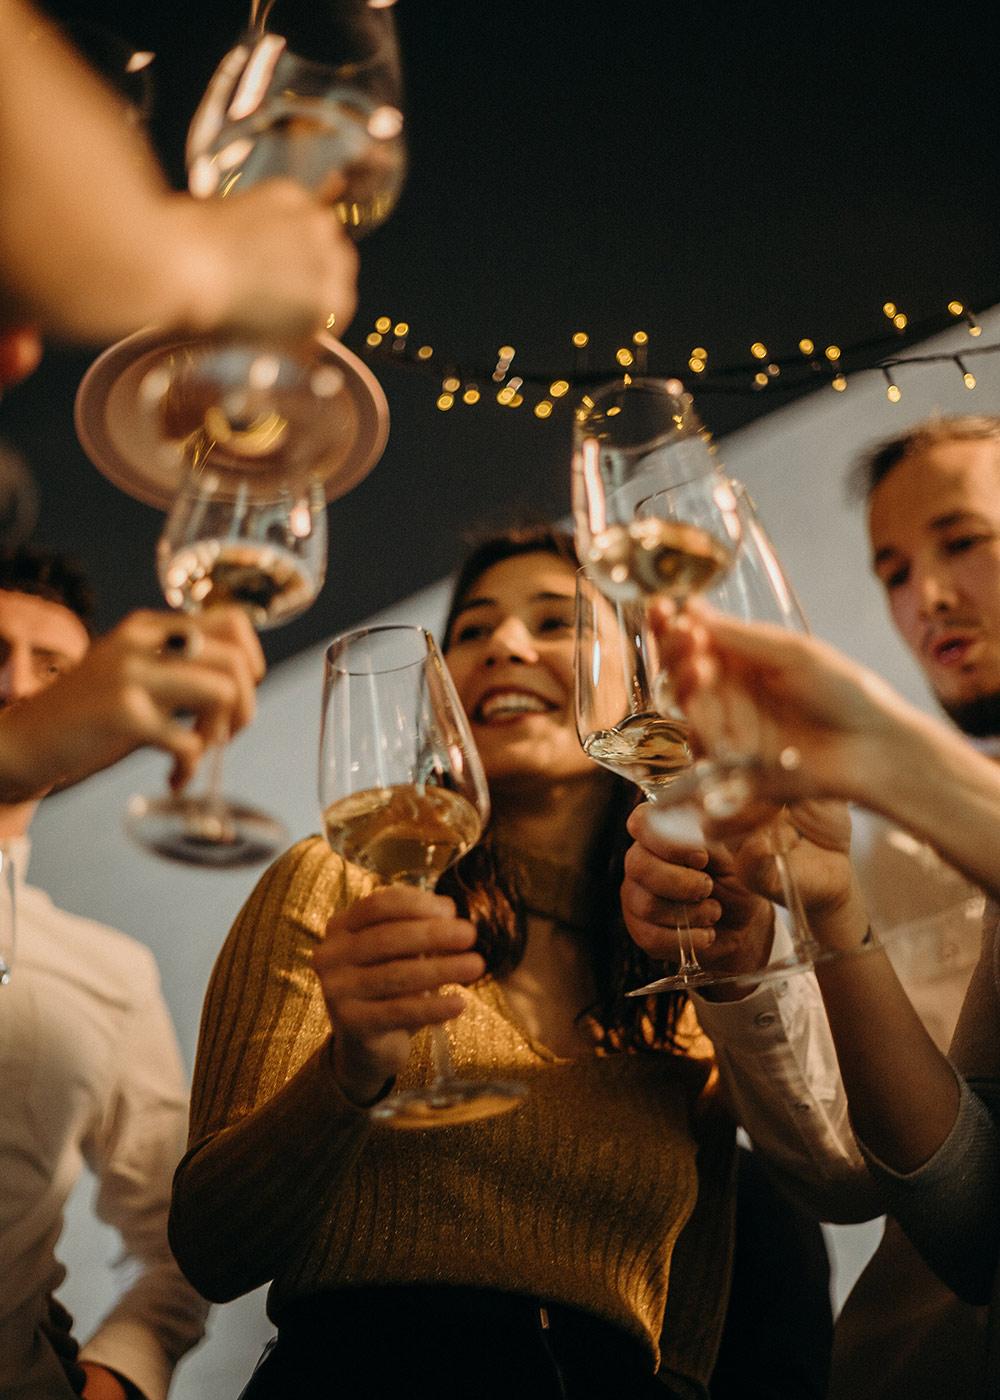 Cheers Wine Glasses